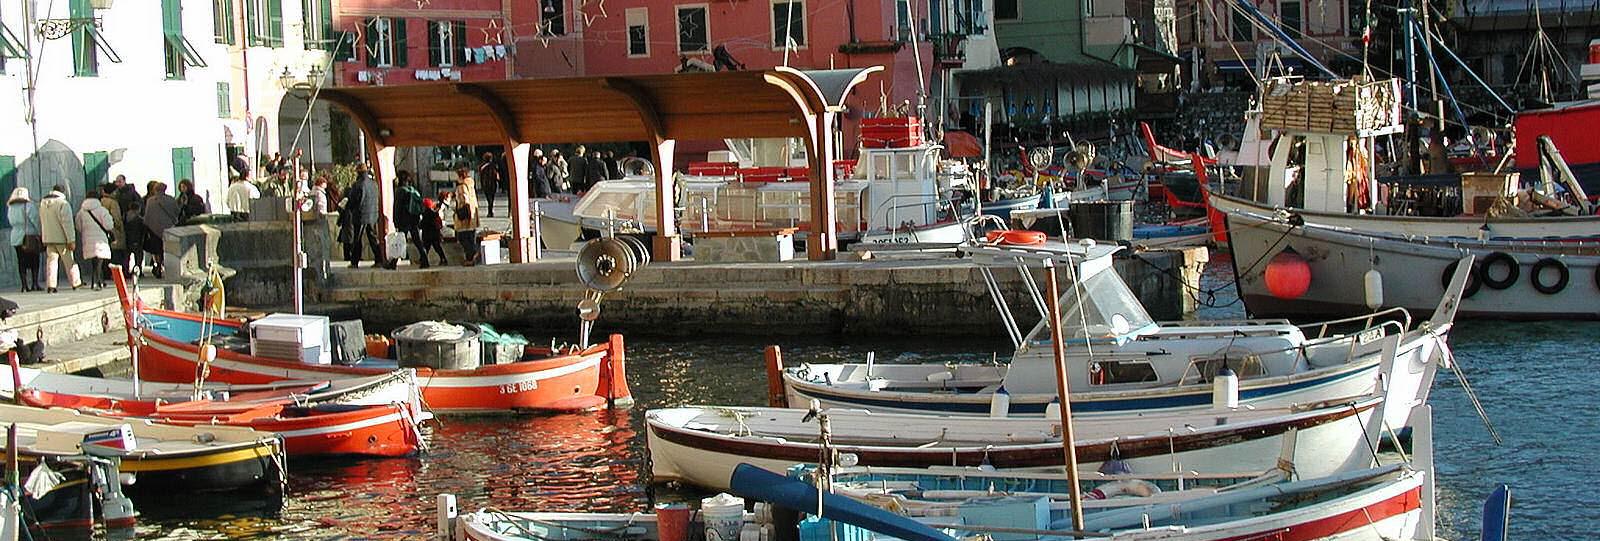 Camogli-sea-port-boat